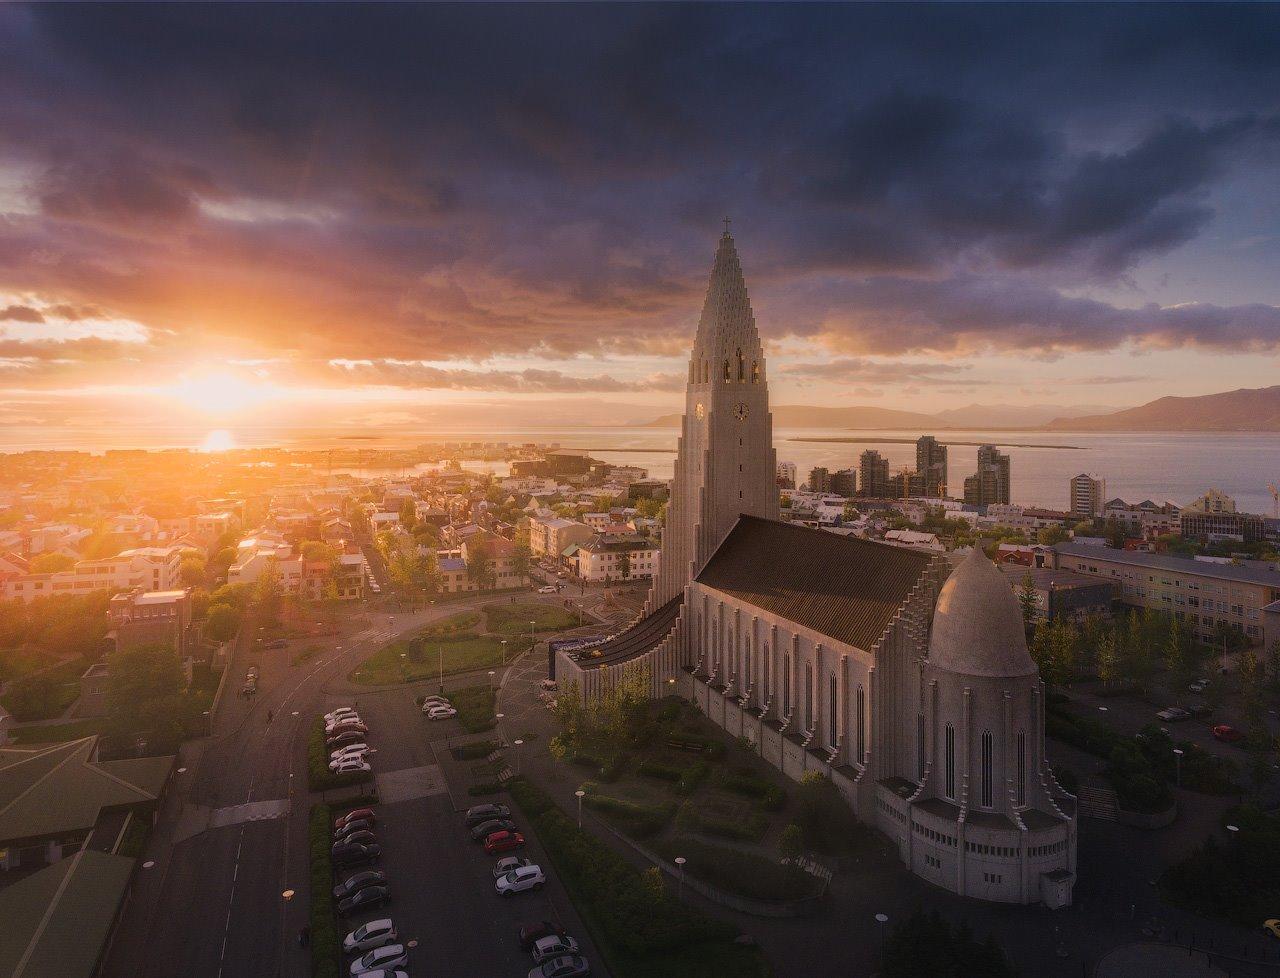 13-dniowa budżetowa, samodzielna wycieczka po całej obwodnicy Islandii z wodospadami i Fiordami Zachodnimi - day 1